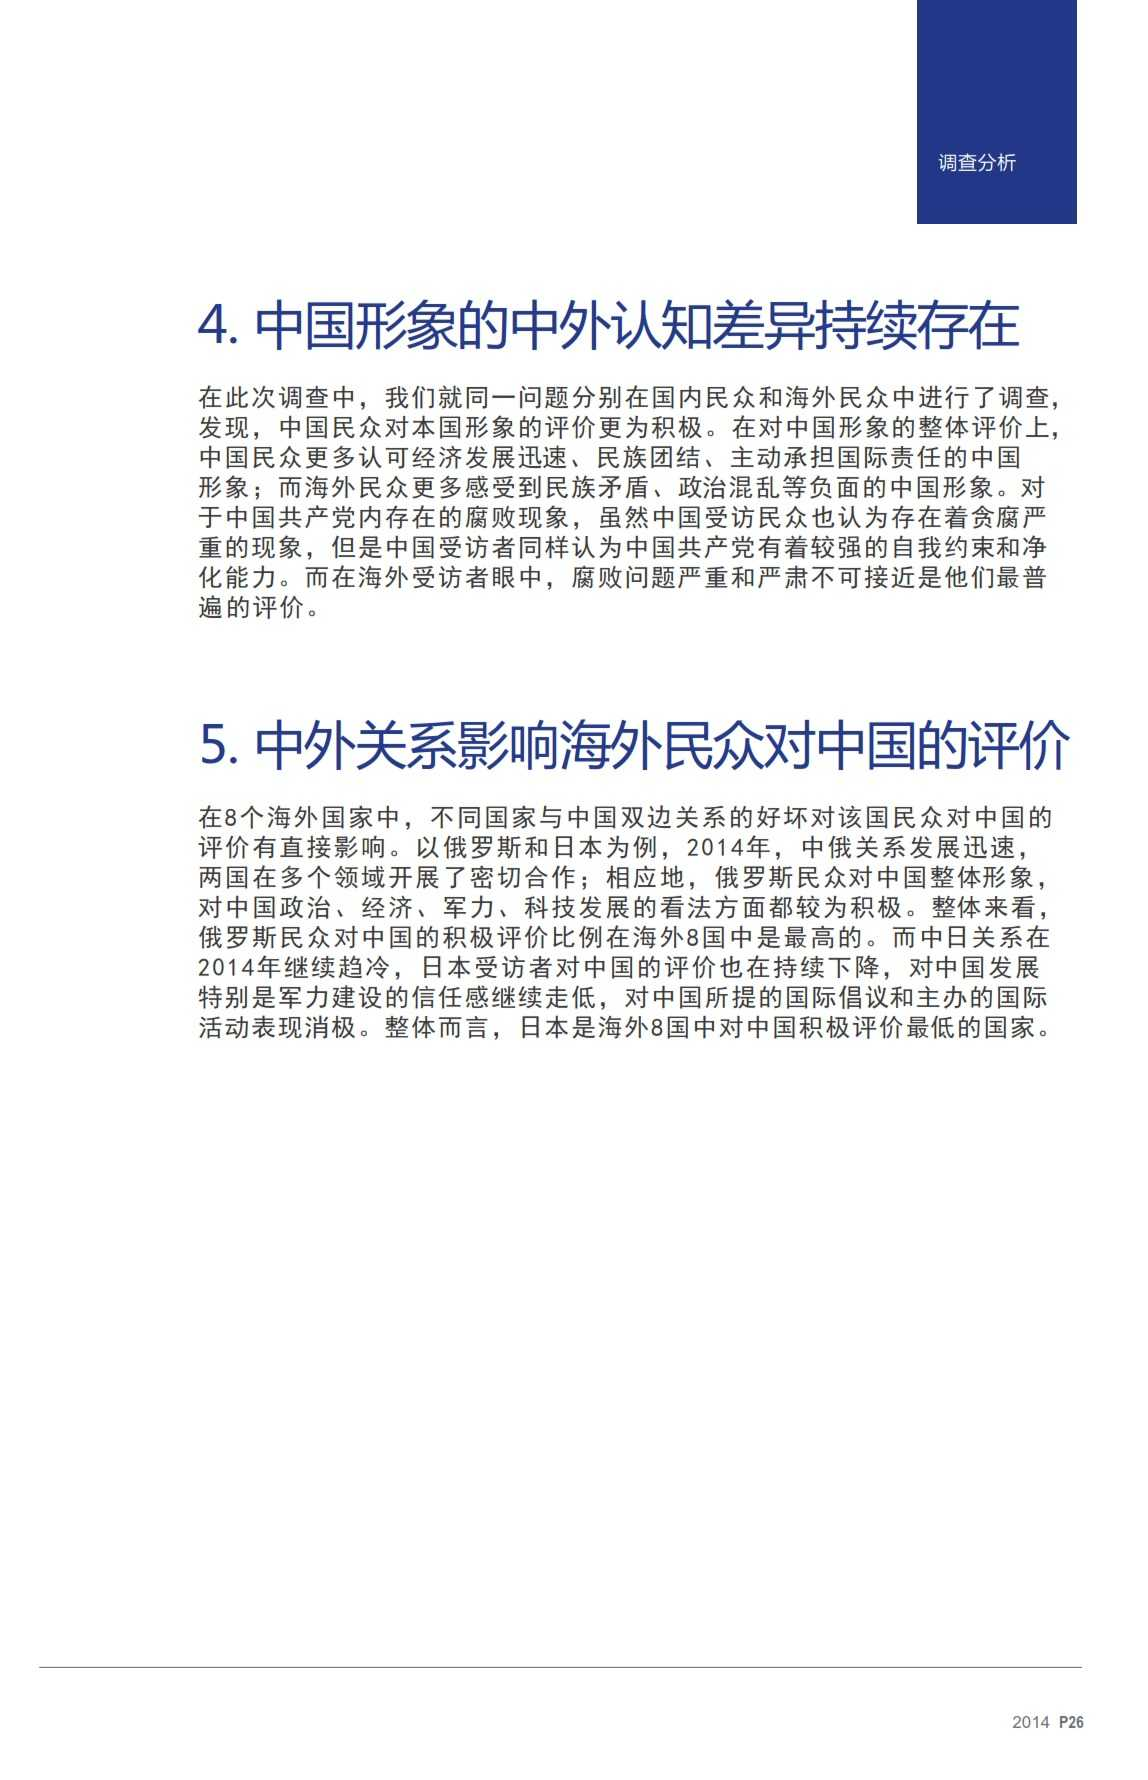 2014中国国家形象全球调查报告-v17_025